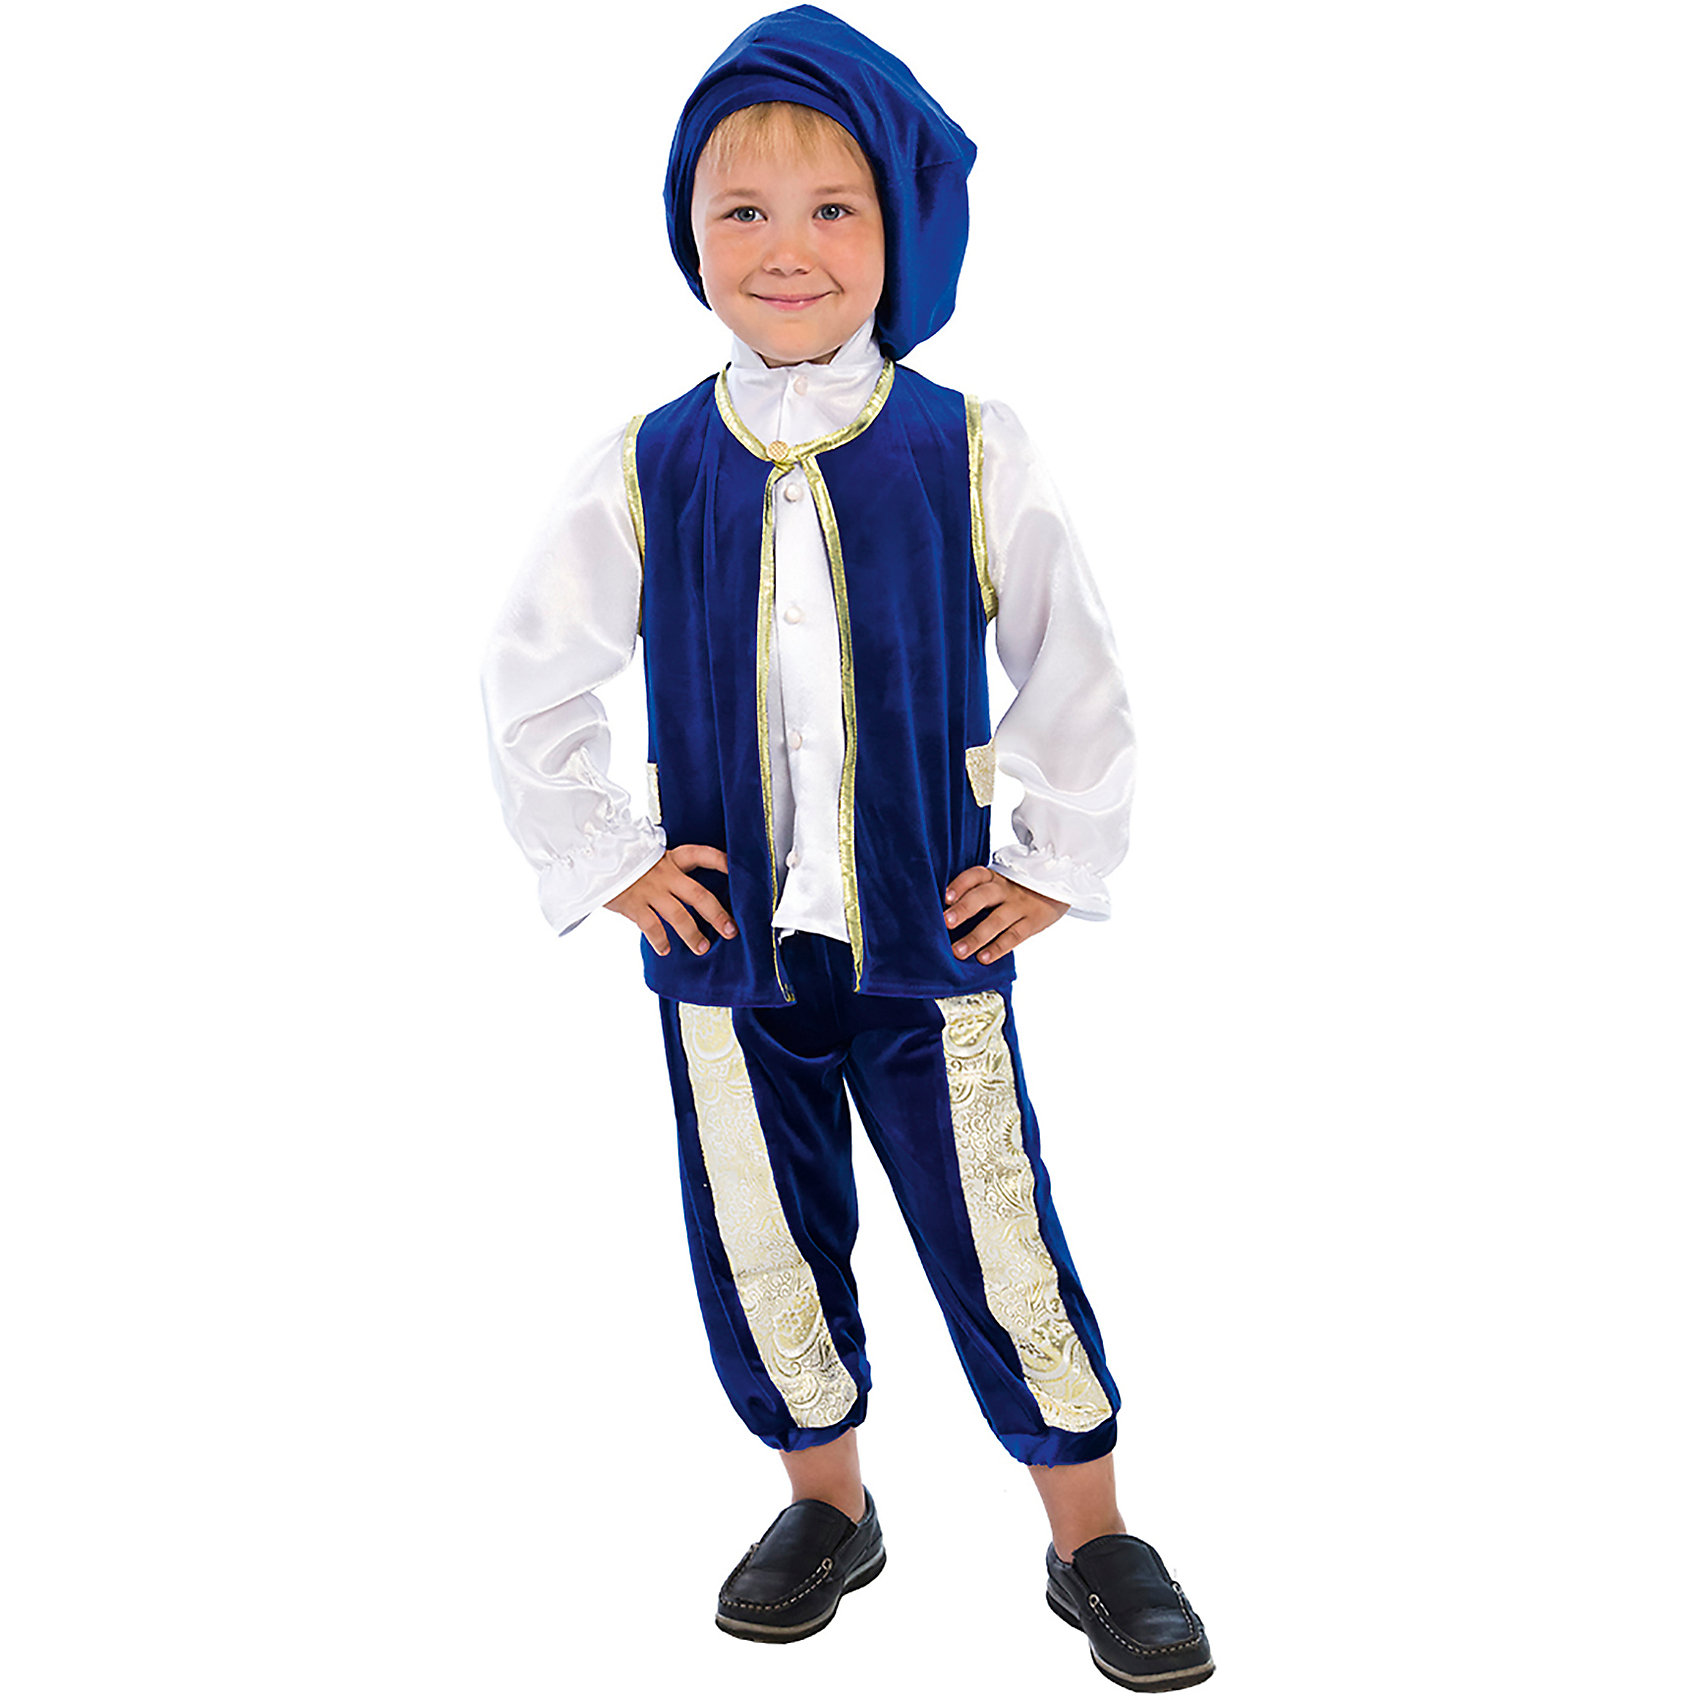 Карнавальный костюм для мальчика Принц Люкс, ВестификаСамый романтичный герой всех времен и народов - принц из сказки Золушка лег в основу карнавального костюма «Принц». Богатое мерцание бархата, роскошный блеск парчи играют и переливаются в каждой складке изделия. Насыщенный и глубокий синий цвет жилета и бридж выгодно контрастирует с лоском белой атласной рубашки с высоким воротом и оборками на рукавах. Жилет фиксируется на шее золотым бантиком. Полочки жилета украшены лацканами из парчи и отделаны золотой каймой. Благодаря вставкам из настоящей золотой парчи бриджи имеют оригинальную геометрию. Длина бридж может регулироваться по желанию резинкой, вставленной по низу изделия. Дополняет комплект широкий бархатный берет. Благодаря тому, что карнавальный костюм «Принц» выполнен из высококачественного стрейч-бархата, его очень комфортно носить. Настоящий костюм, достойный двора Его Королевского Величества! Рекомендуем дополнить комплект белыми носочками или гольфами и синими или белыми ботинками.<br><br>Дополнительная информация:<br><br>Комплектация:<br>Жилет из стрейч-бархата с лацканами из парчи <br>Бриджи из стрейч-бархата со вставками из парчи <br>Берет из стрейч-бархата<br>Ткани:<br>Стрейч-бархат (95% полиэстер, 5% эластан)<br>Крепсатин (100% полиэстер)<br>Парча (100% полиэстер)<br><br>Карнавальный костюм для мальчика Принц Люкс, Вестифика можно купить в нашем магазине.<br><br>Ширина мм: 236<br>Глубина мм: 16<br>Высота мм: 184<br>Вес г: 340<br>Цвет: разноцветный<br>Возраст от месяцев: 36<br>Возраст до месяцев: 60<br>Пол: Мужской<br>Возраст: Детский<br>Размер: 98/104,110/116<br>SKU: 4389249